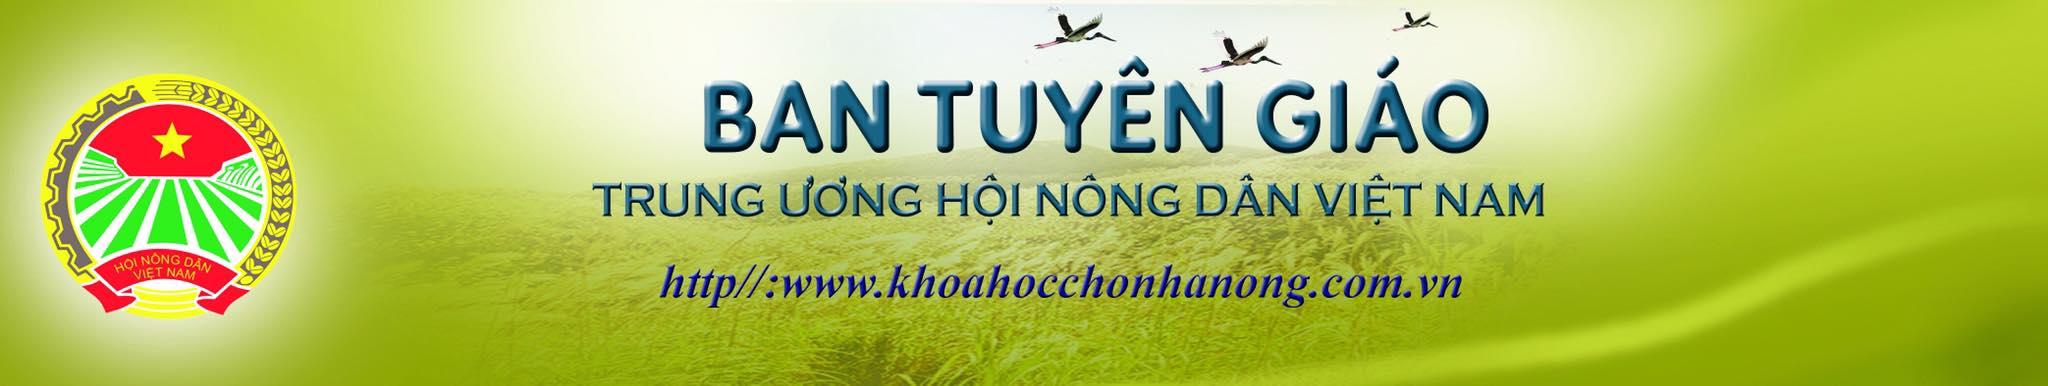 Những nông dân sản xuất kinh doanh giỏi tiêu biểu ở Nghệ An